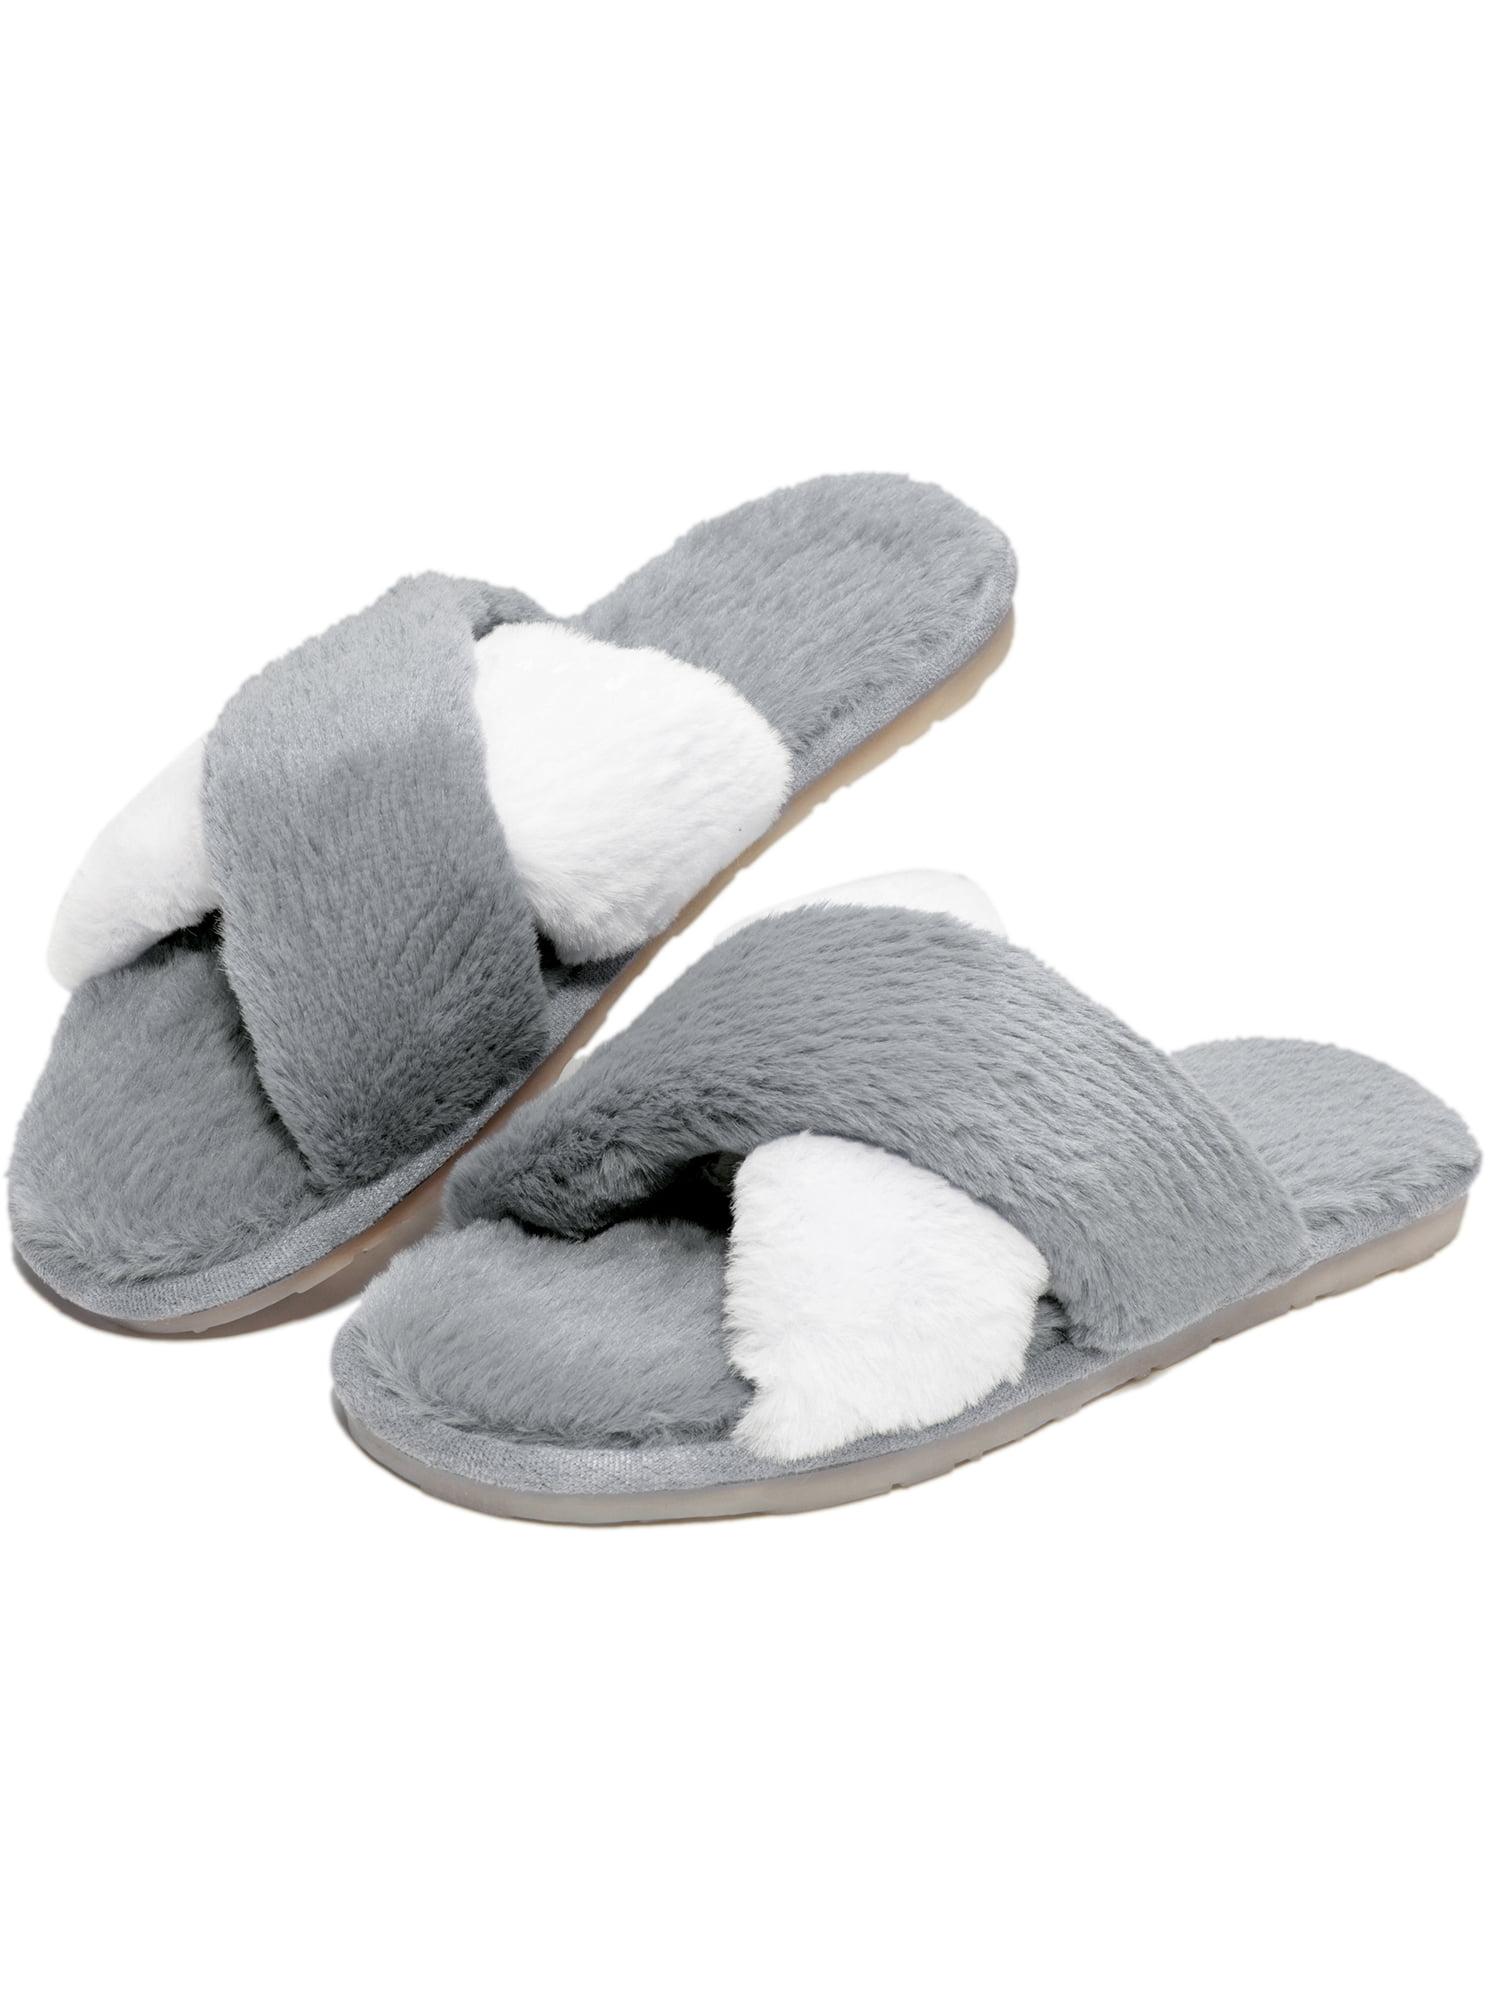 Cozy Fuzzy Slippers for Women Open Toe